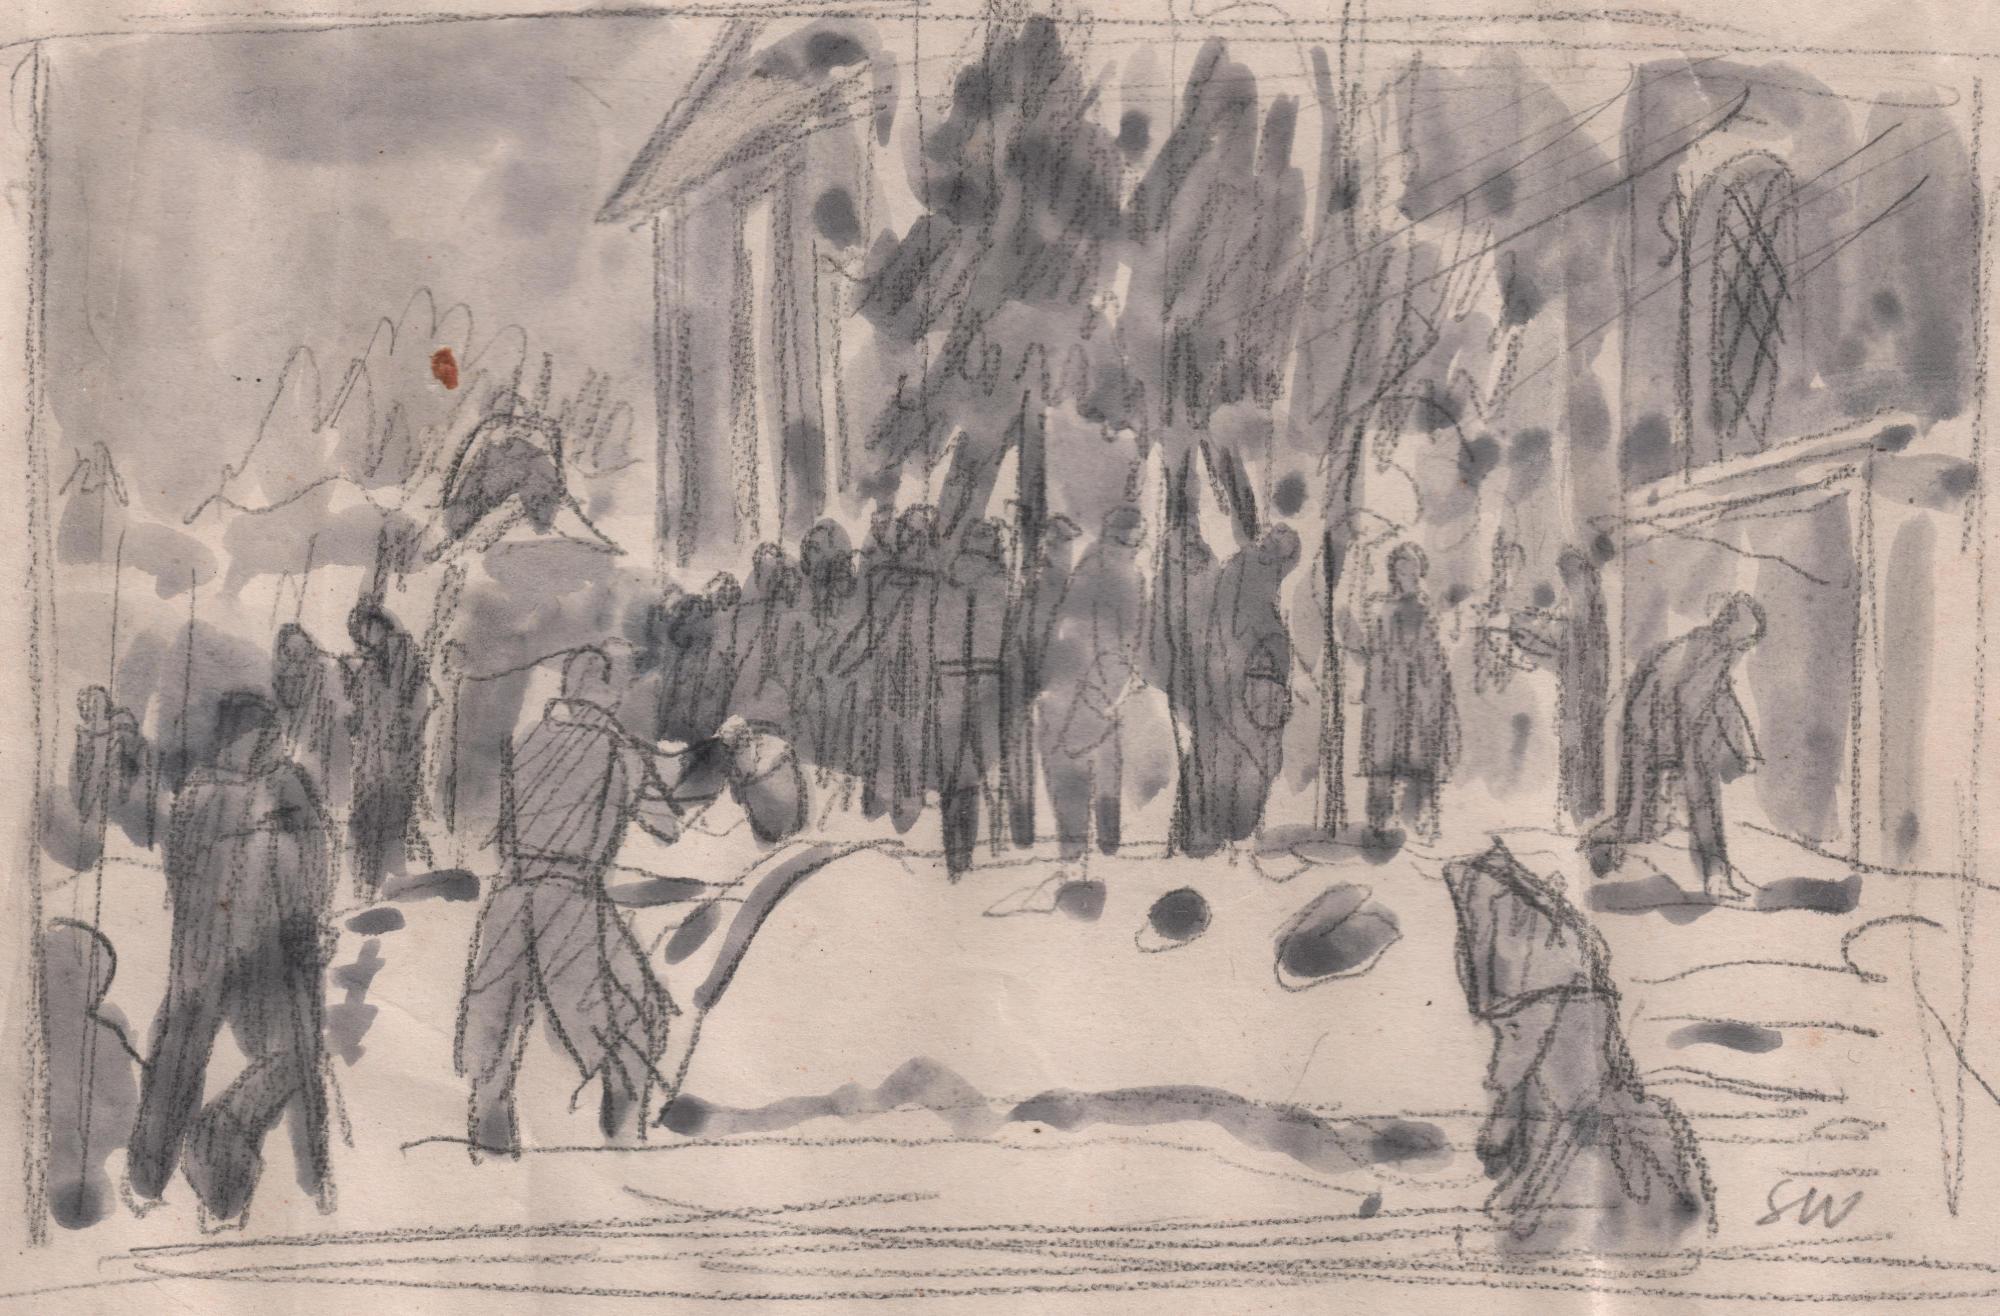 Praca przedstawiająca ludzi czekających wkolejce powodę, Stanisław Westwalewicz, rys. ołówkiem, lawowany, obóz wKozielsku, 1940